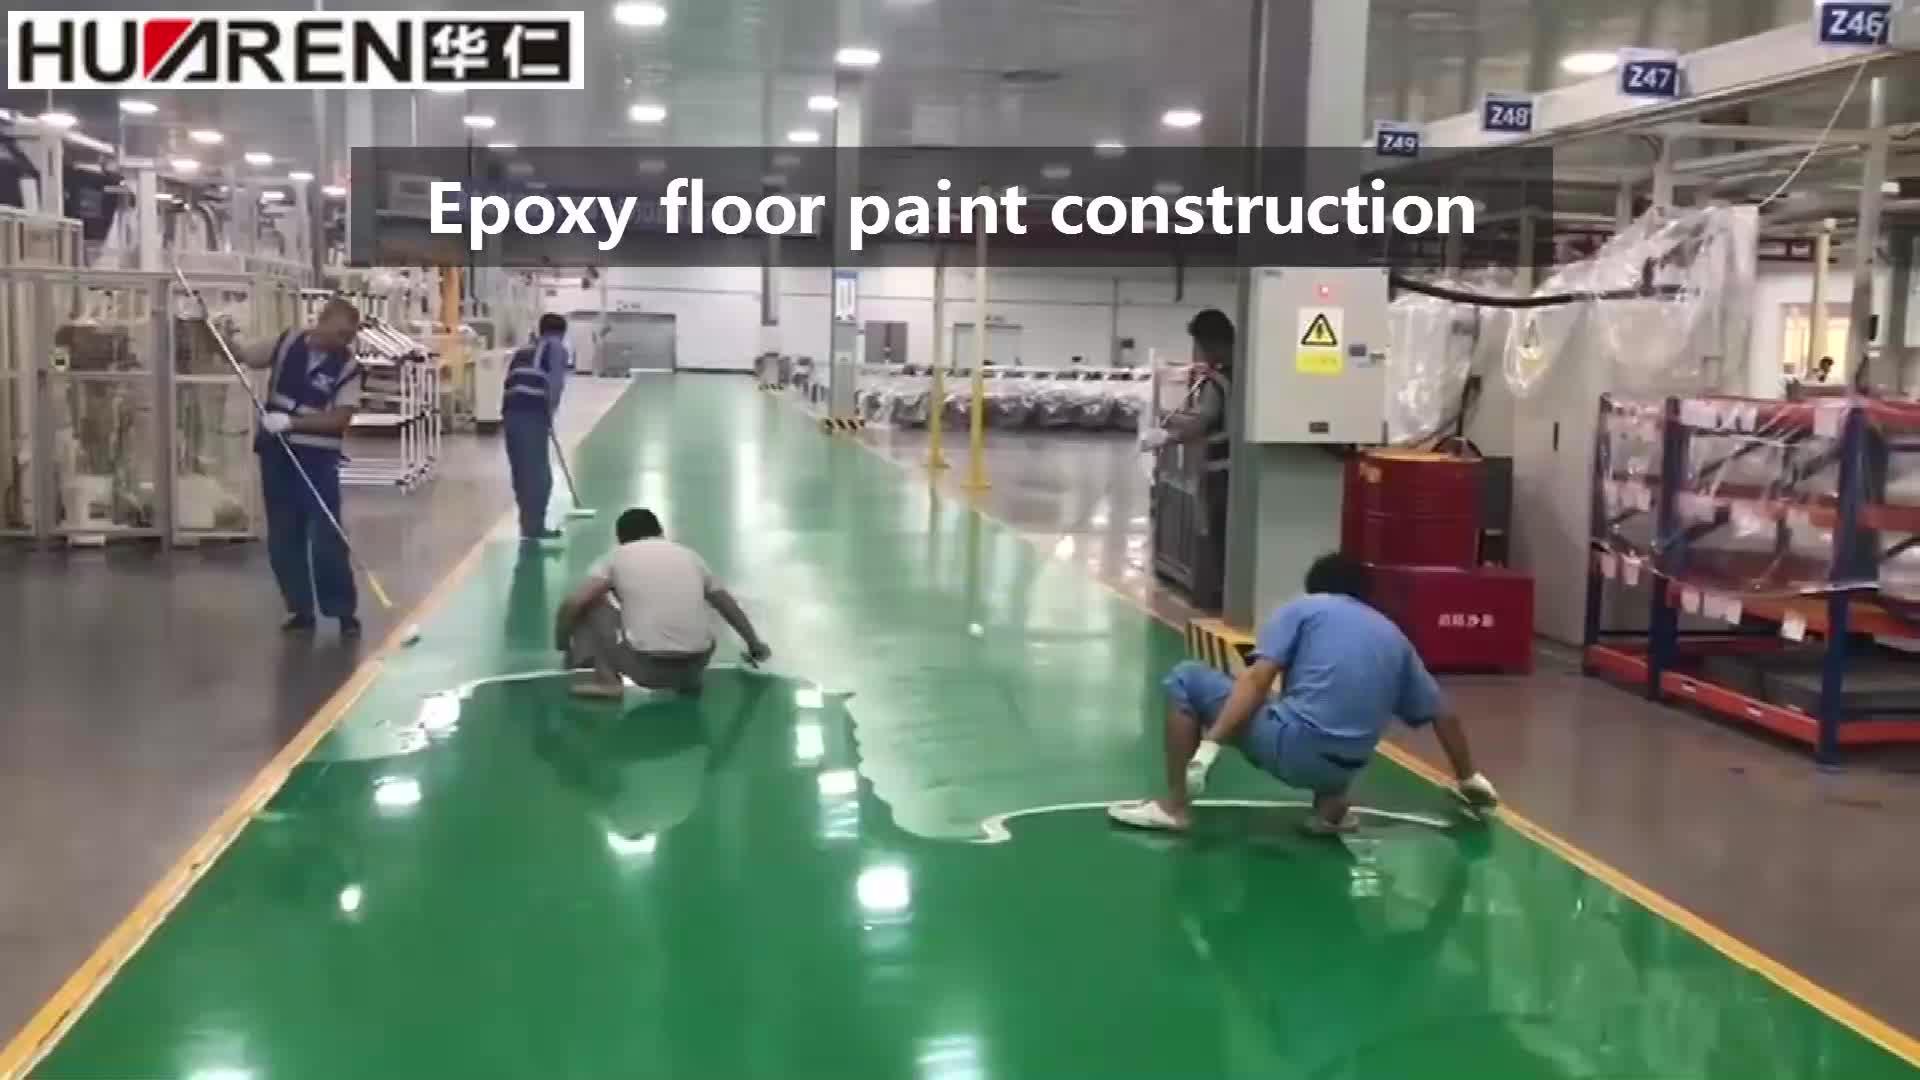 التجفيف السريع 2 حزمة أرضية خرسانية ورشة عمل أرضية طلاء الإيبوكسي